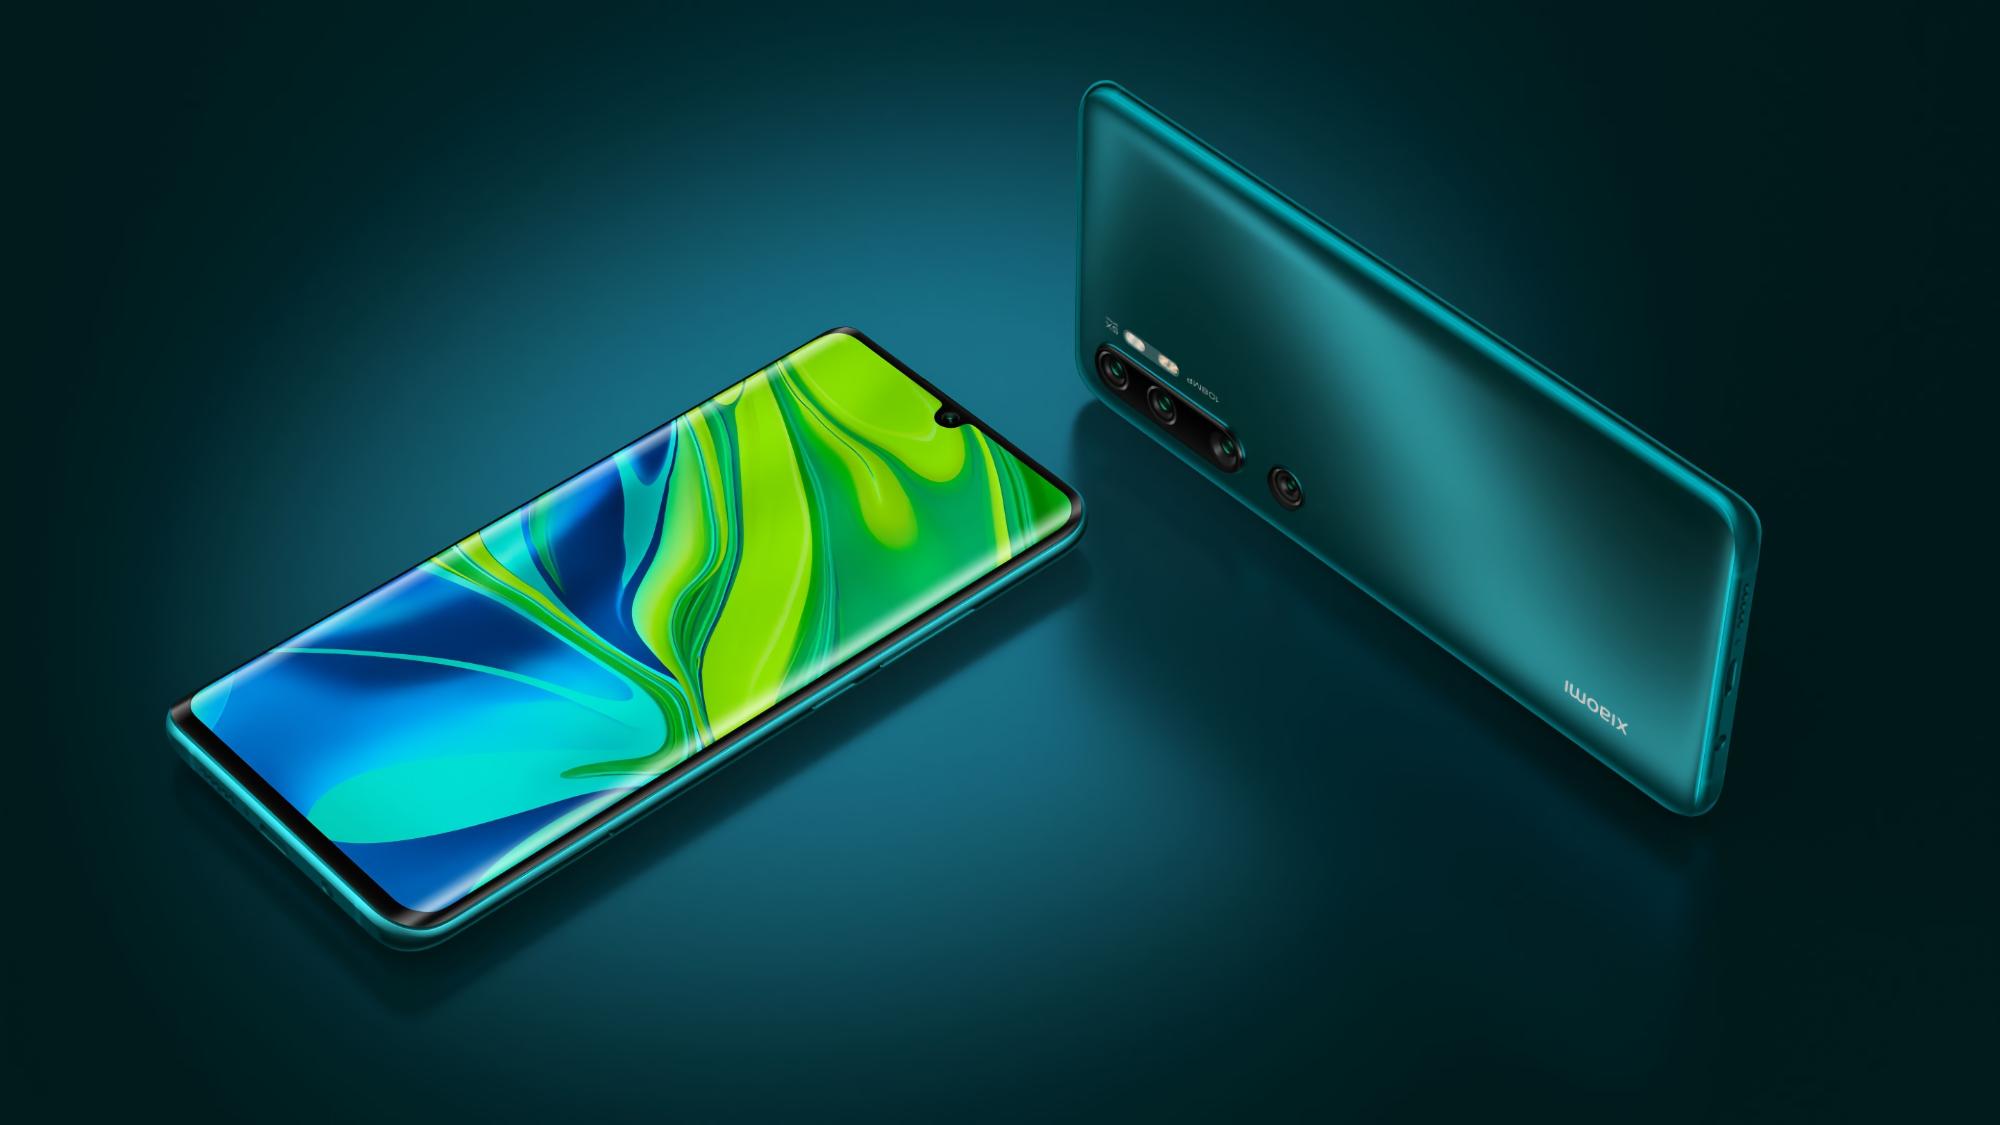 Инсайдер: Xiaomi представит смартфоны Redmi Note 10 и Redmi Note 10 Pro в следующем месяце